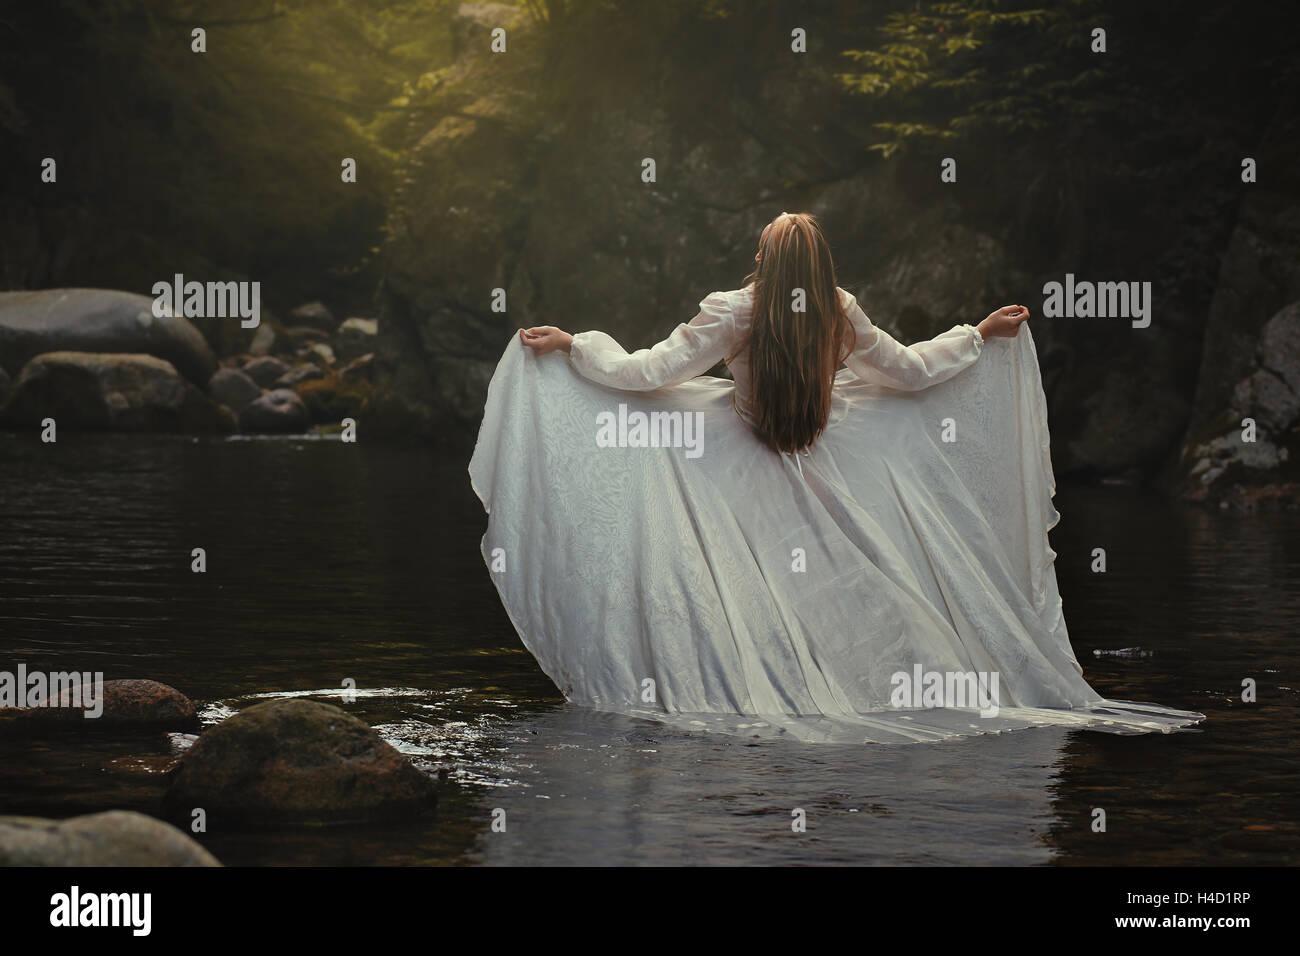 Ethereal woman listening la rivière de la musique. Romantique et surréaliste Photo Stock